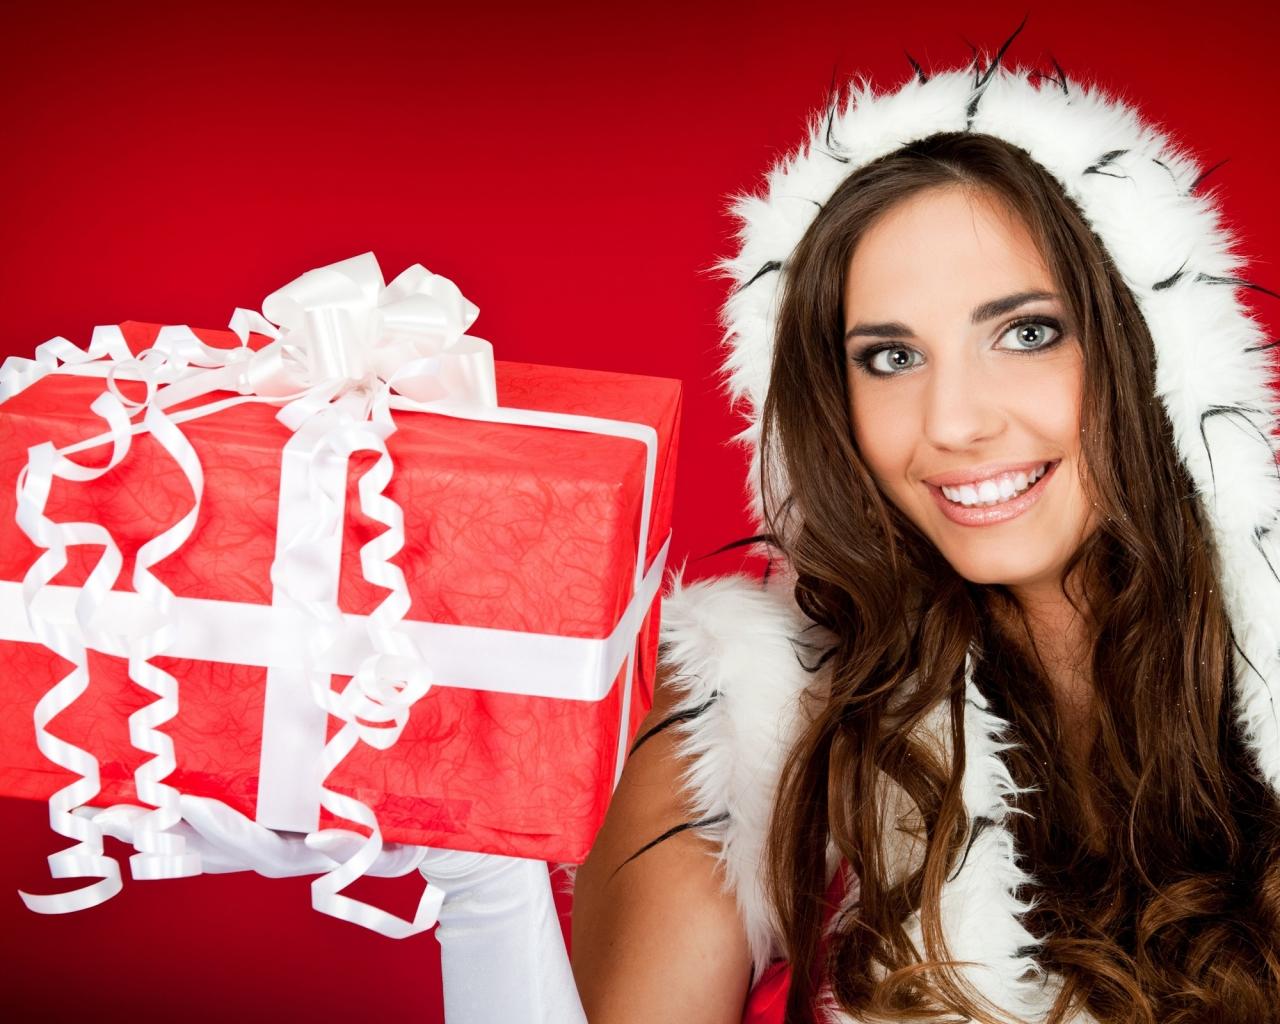 Una hermosa mujer con su regalo para navidad - 1280x1024